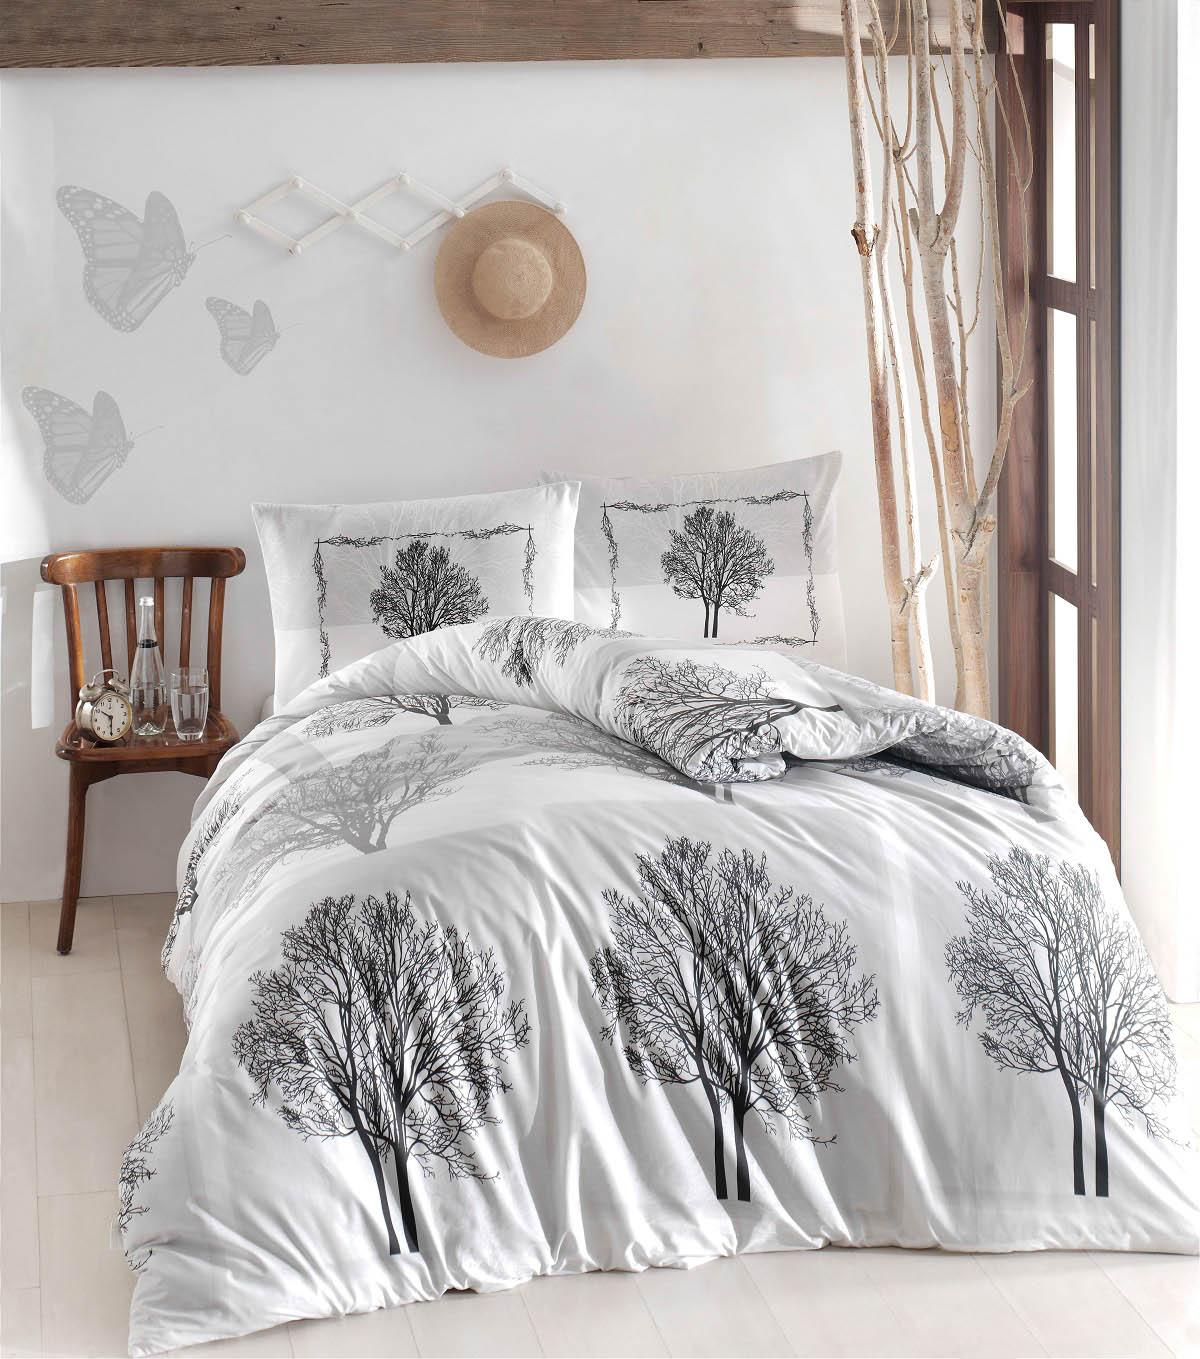 Купить Комплекты постельного белья Altinbasak, Постельное белье Tree Цвет: Серый (2 сп. евро), Турция, Белый, Серый, Бязь